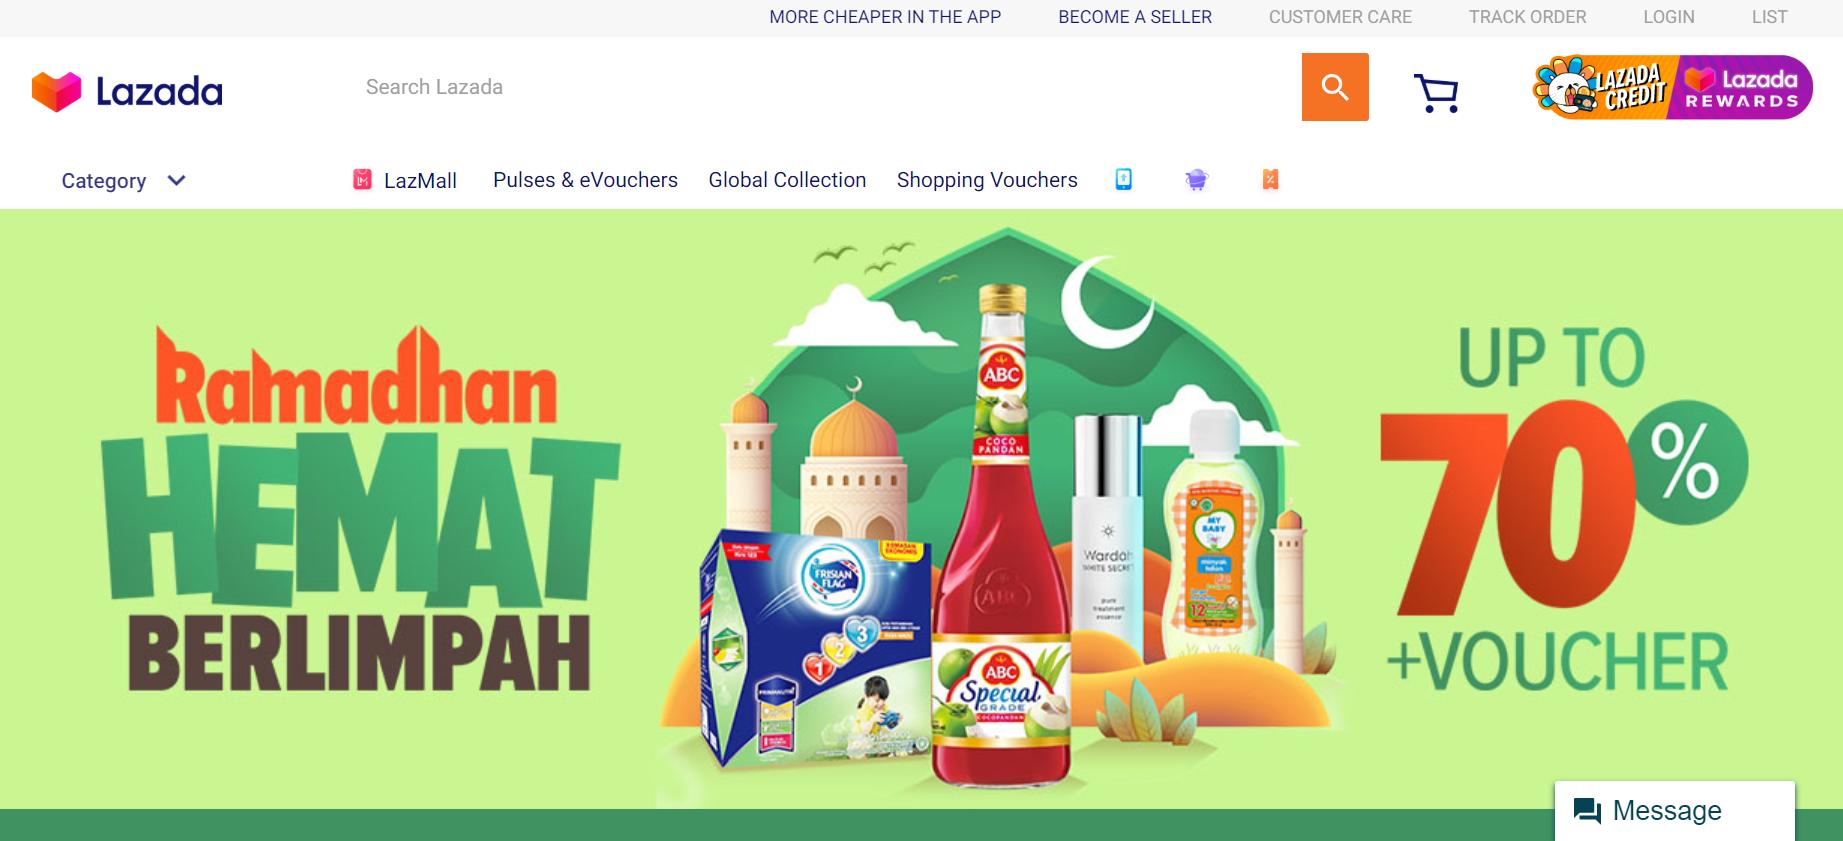 فروشگاه اینترنتی کشور های جهان و نحوه فروش در آنها) اندونزی